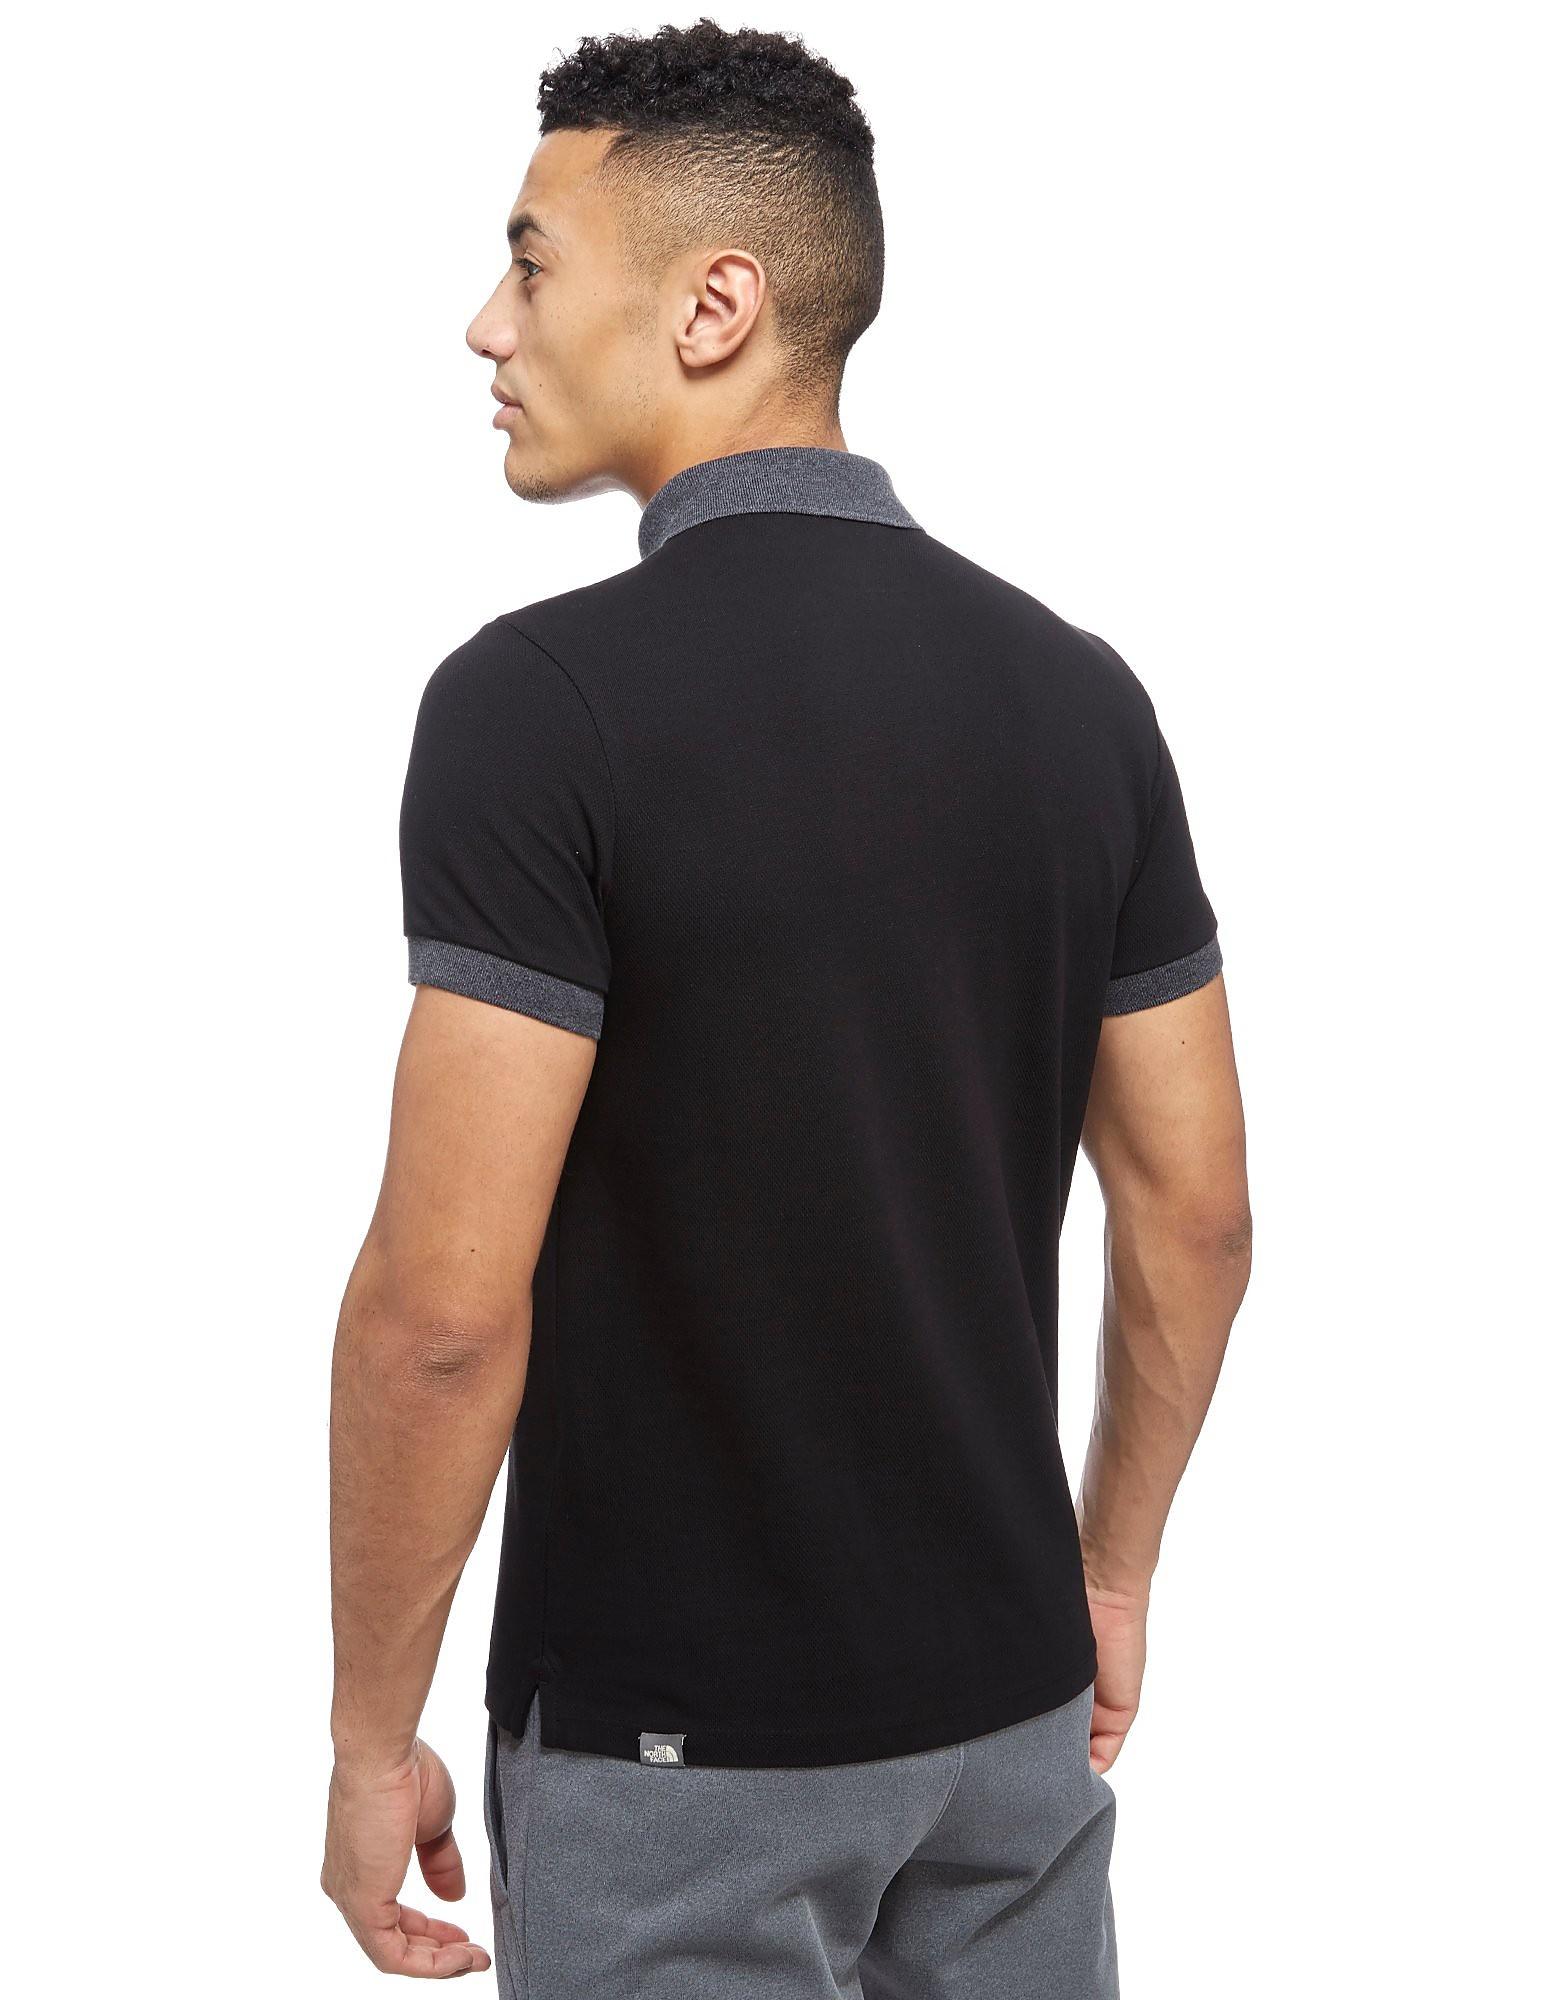 The North Face Colour Block Polo Shirt